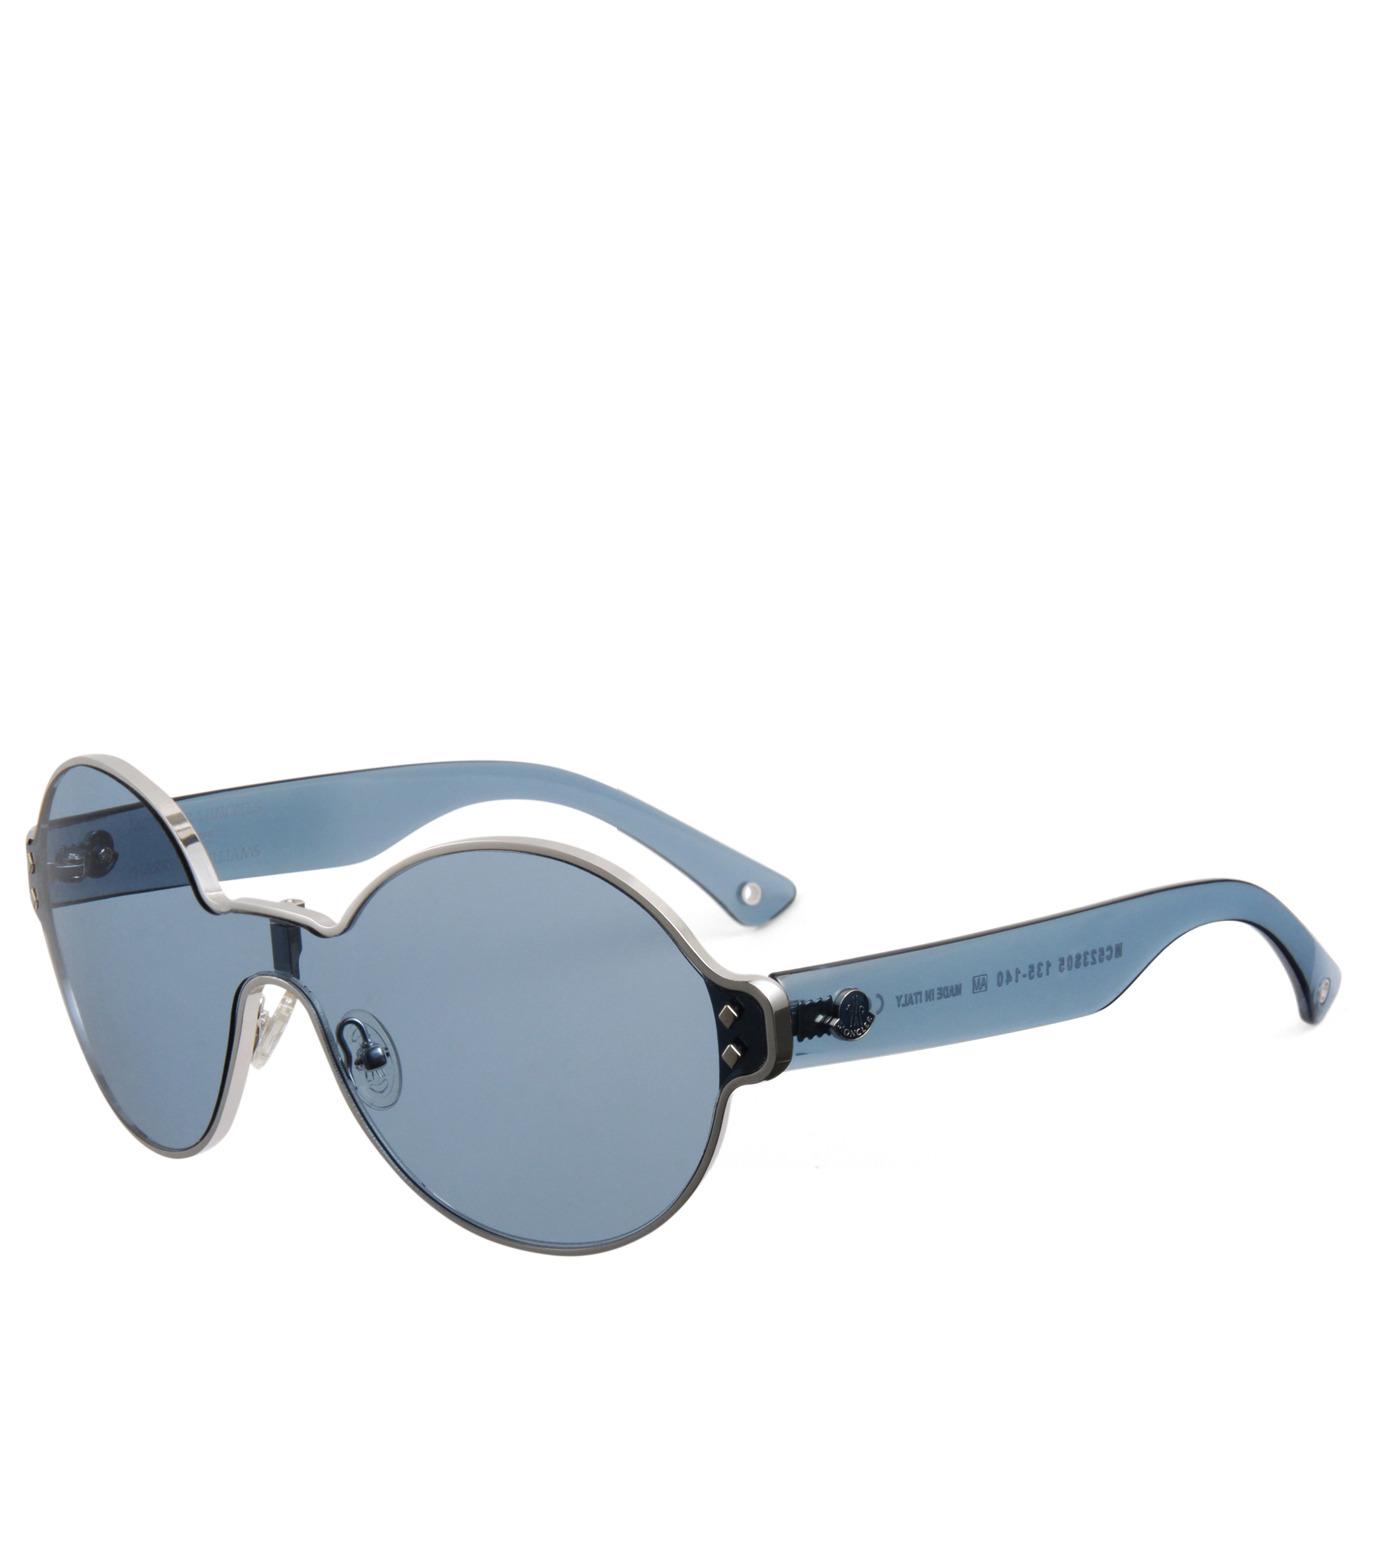 Moncler Eyewear(モンクレールアイウェア)のEYEWEAR-BLUE(アイウェア/eyewear)-MC523-92 拡大詳細画像1